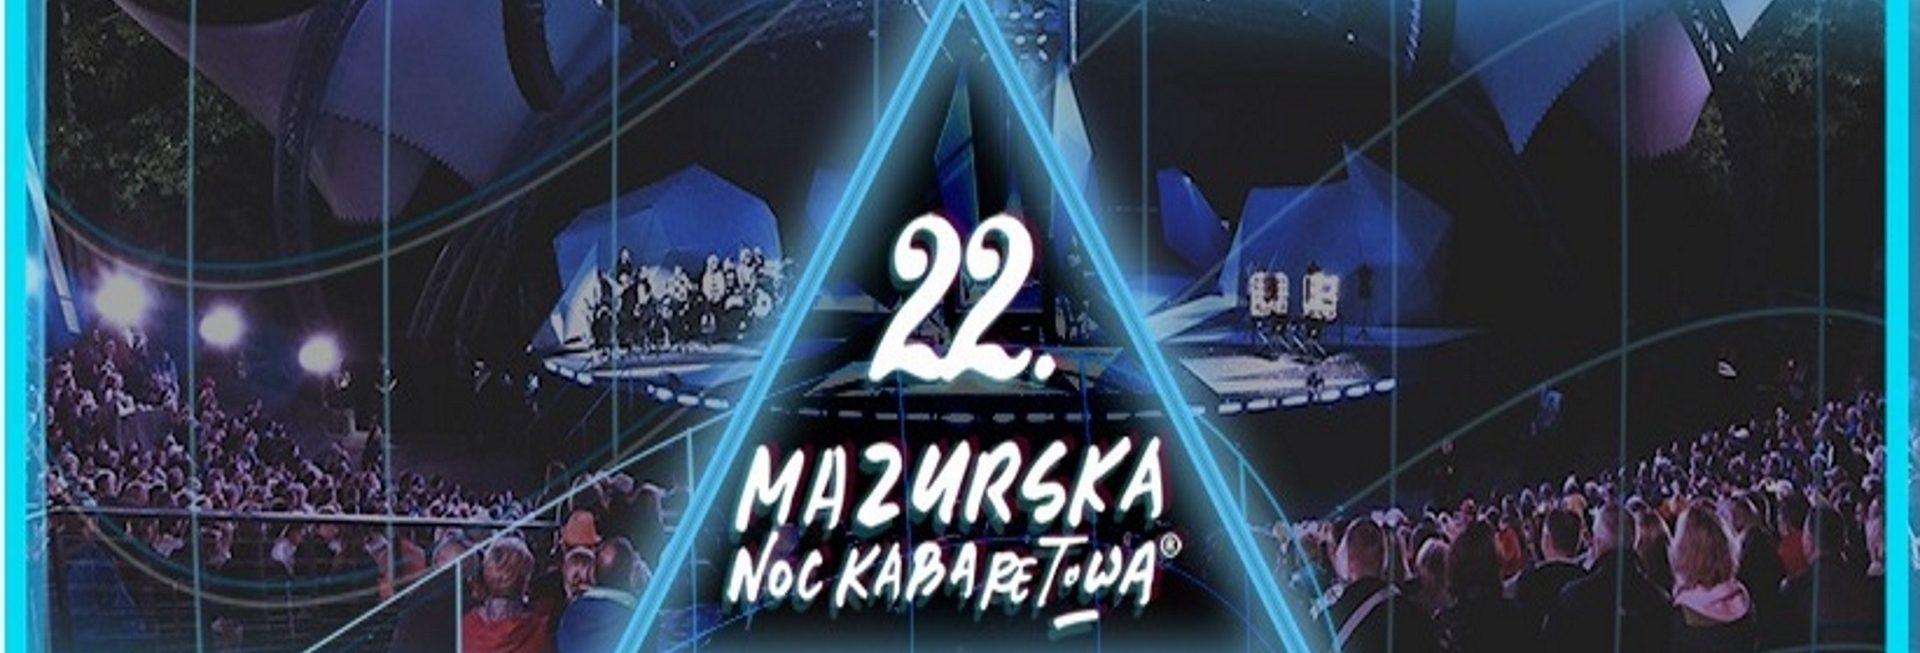 Zdjęcie - plakat przedstawiający publiczność podczas występu w amfiteatrze w Mrągowie. Kolor plakatu niebieski. Na plakacie napis zapraszający na Mazurską Noc Kabaretową.